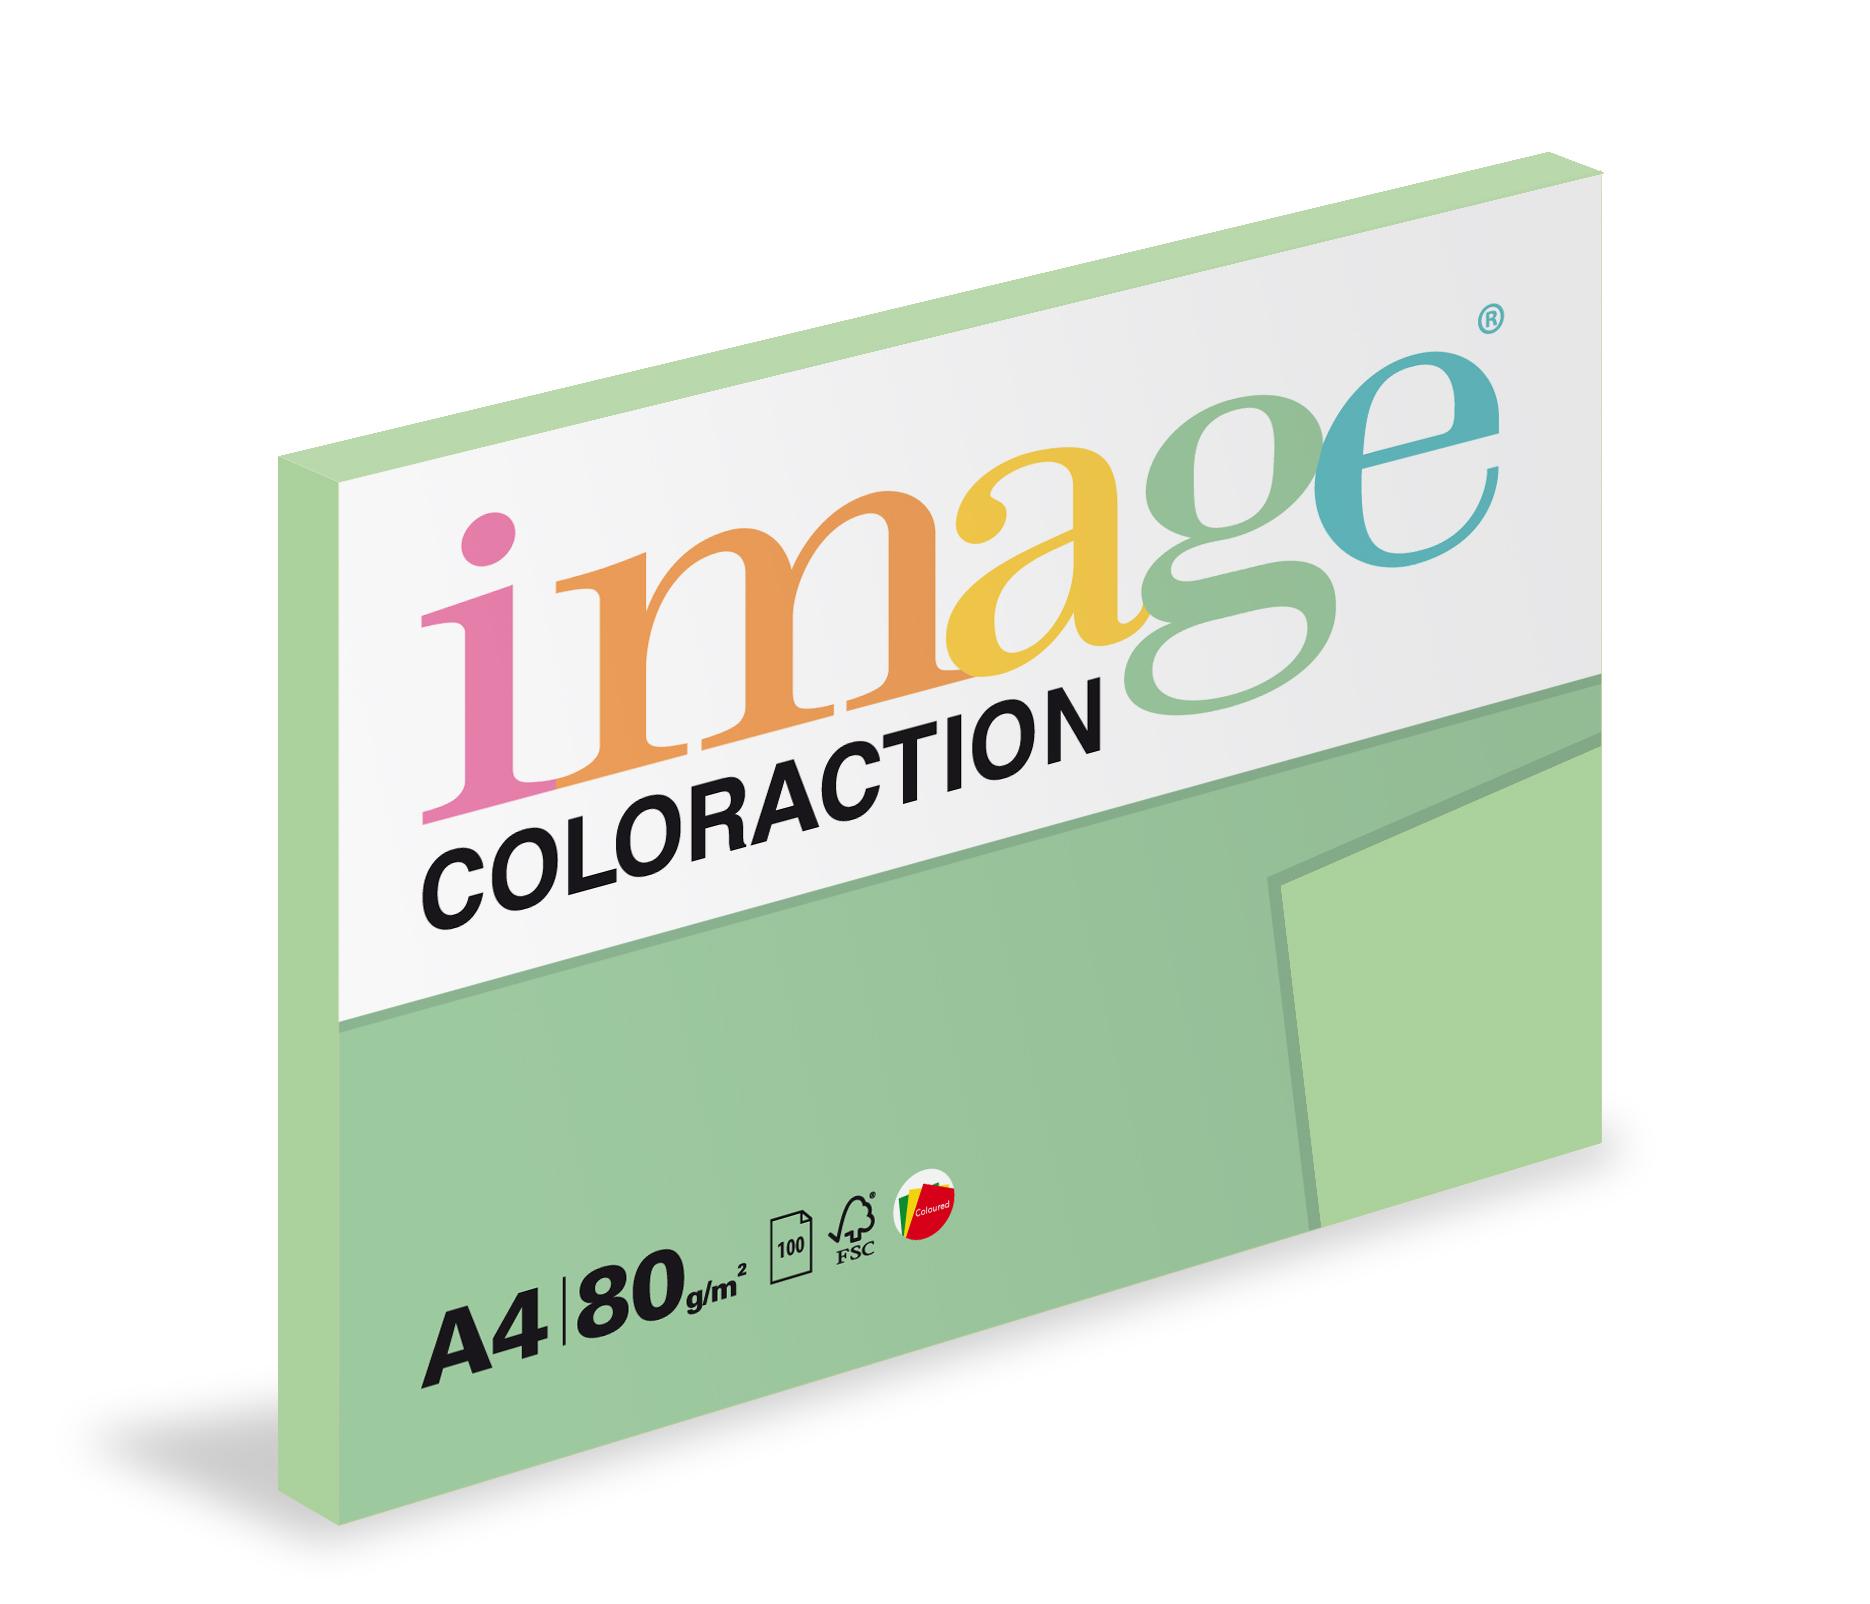 Xerografický papír barevný Coloraction 100 listů - MG28 forest / pastelově zelená /100 listů